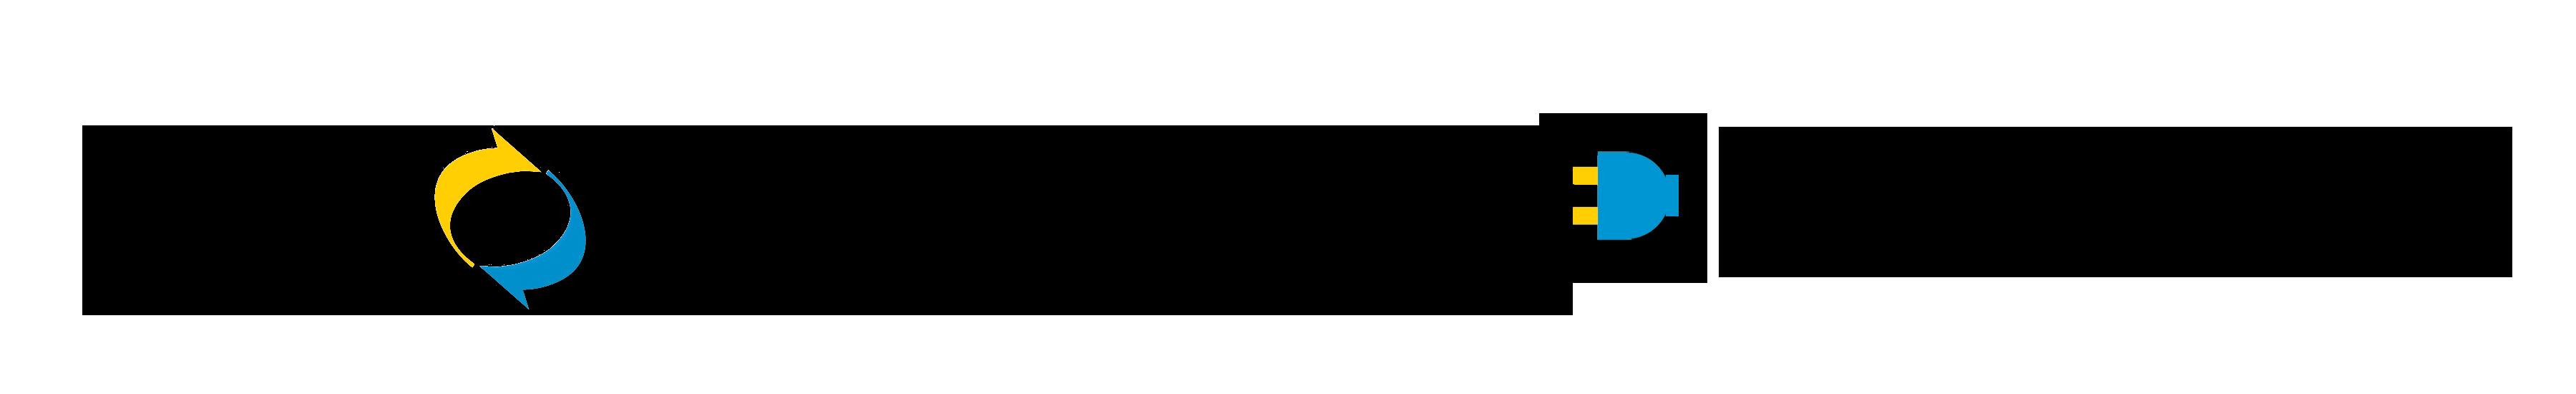 AutomaTech-Connect Logo Black-1